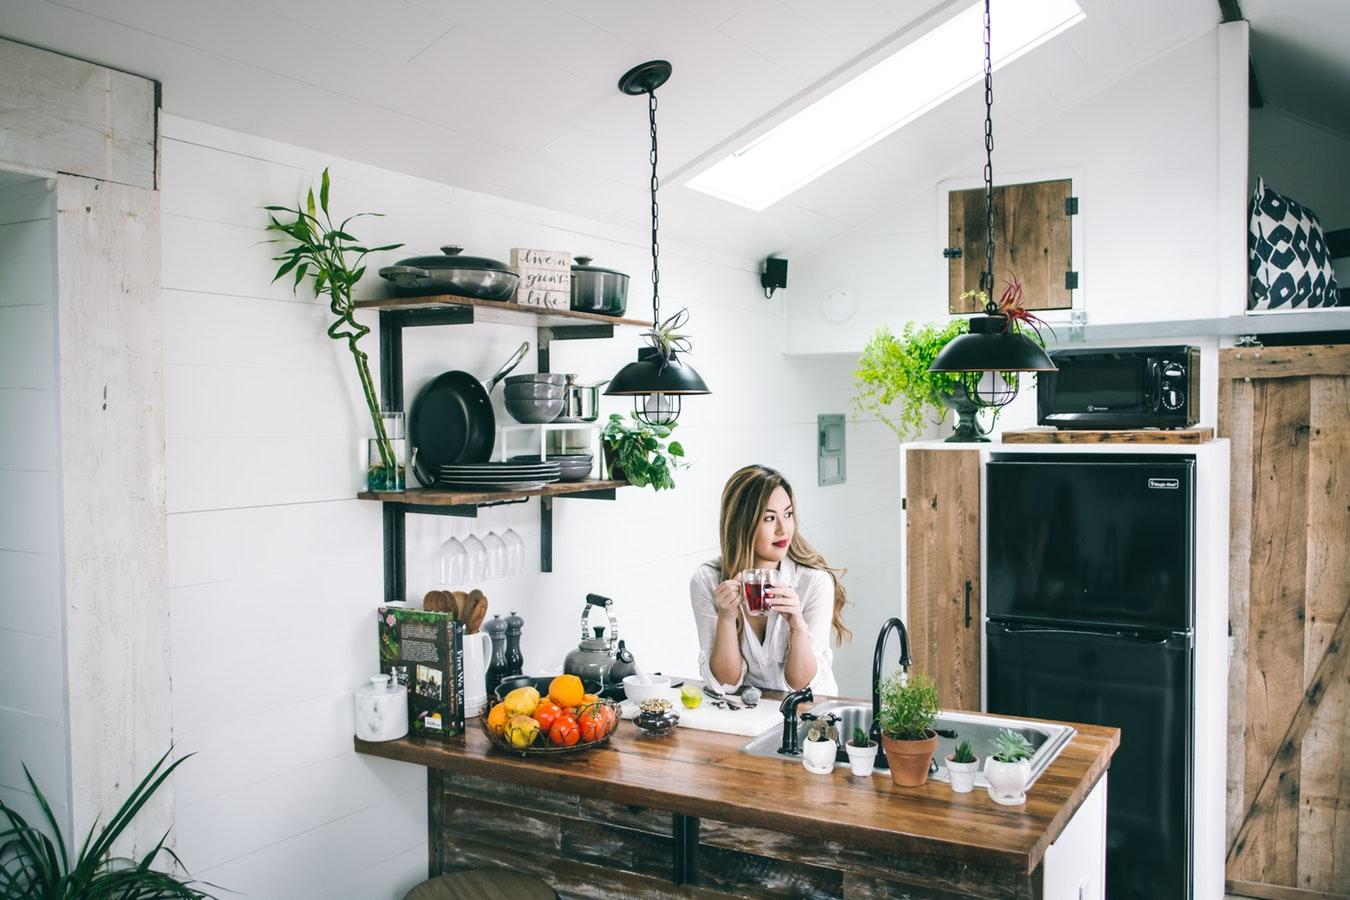 一個白衣女子坐在整潔的廚房中,手捧一個透明杯子。